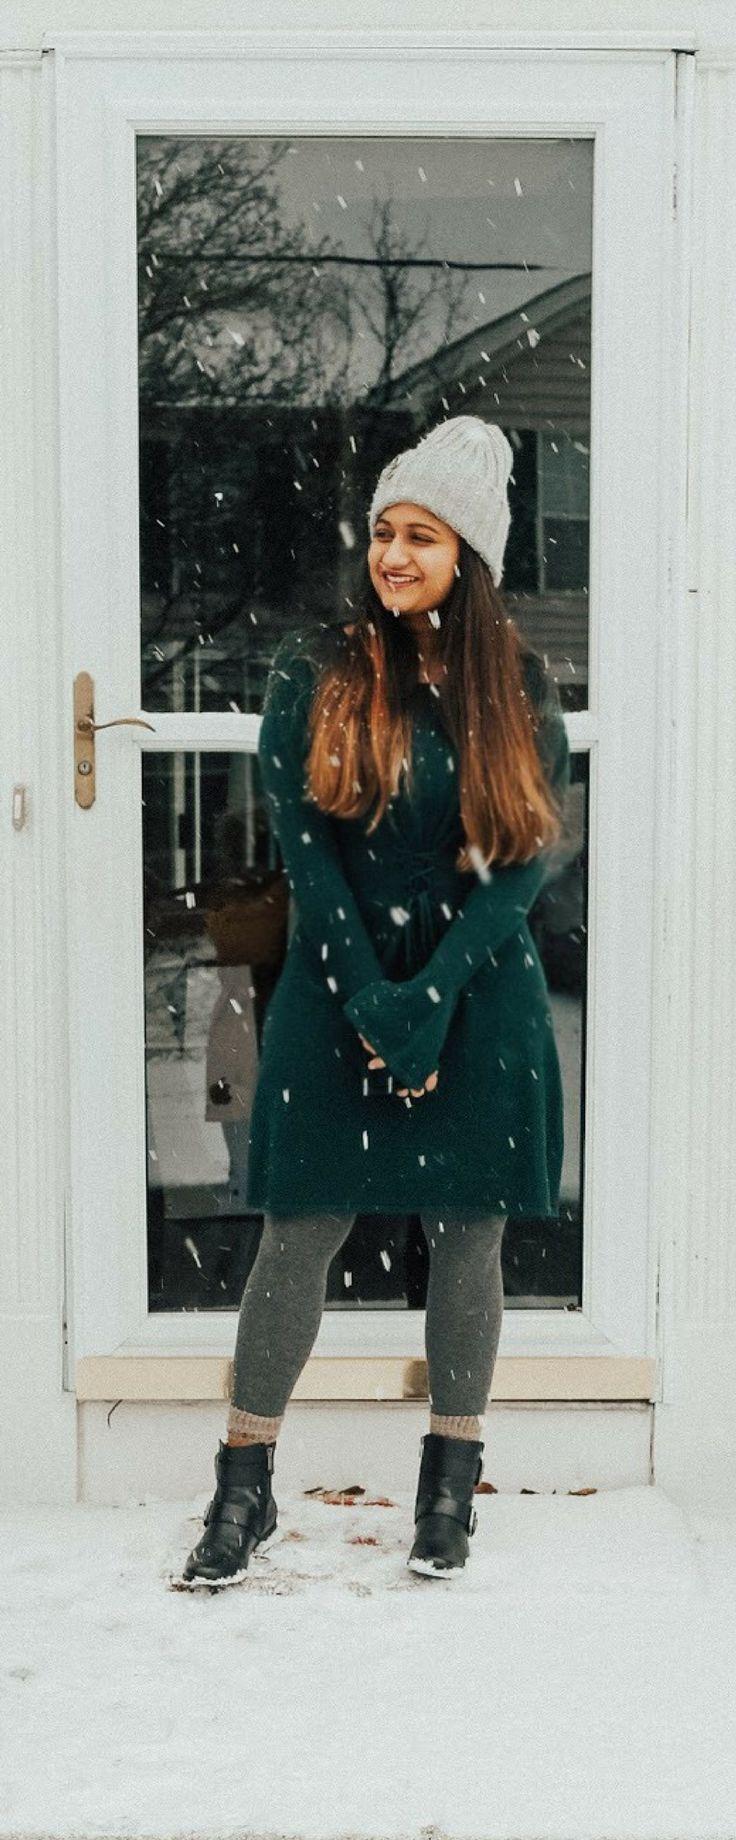 Corset Waist Sweater Dress | dreamingloud.com  ------------------------------------------------ Wool camel trench corset, bell sleeves sweater dress, corset waist, winter trends 2017-2018, first snow ball, embellished beanie, Aetrex moto boots